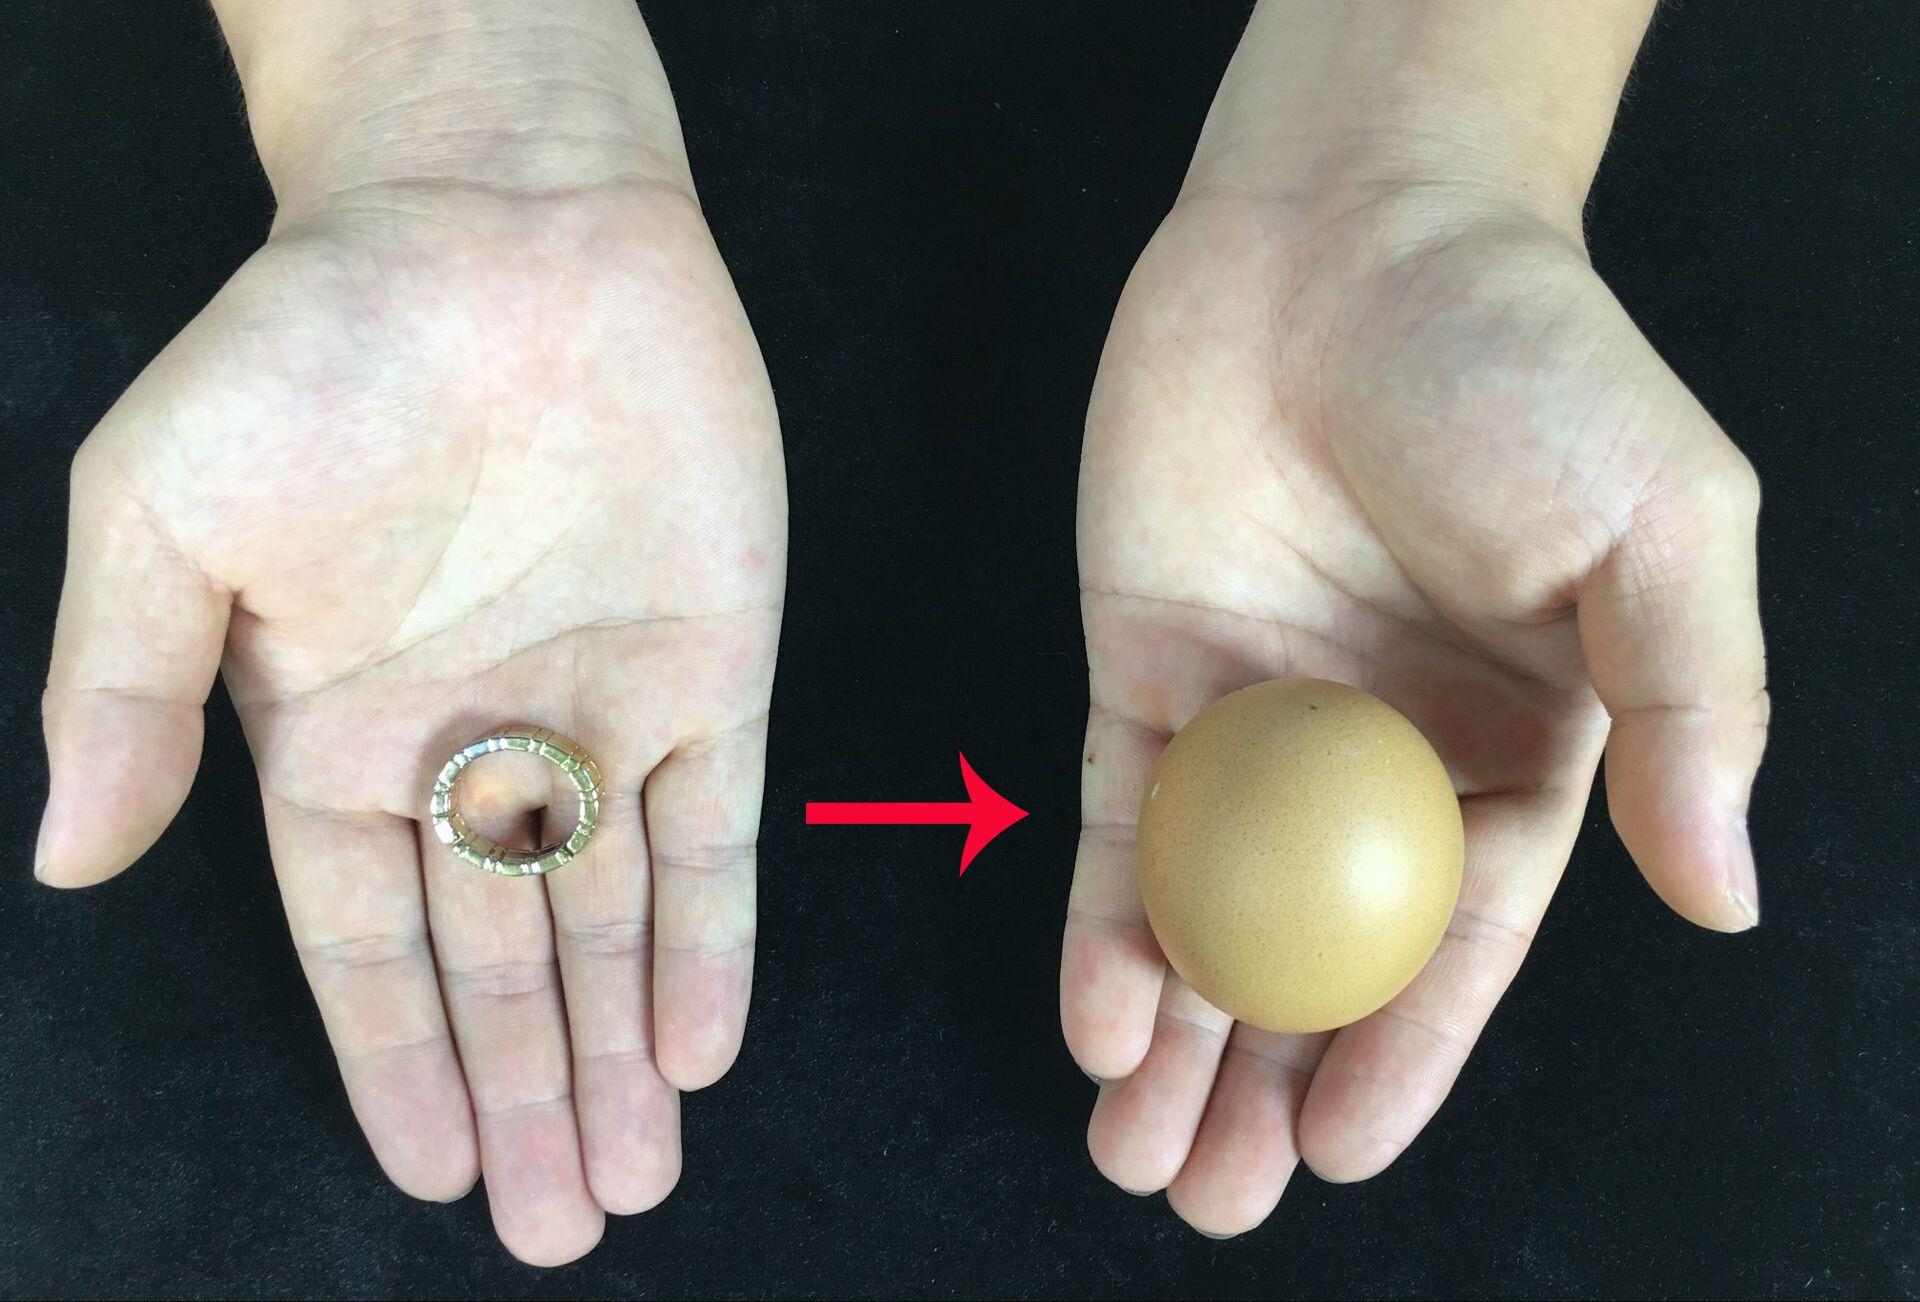 #魔术教学#神奇魔术:戒指瞬间穿越鸡蛋,鸡蛋完好无损!看出破绽算你厉害